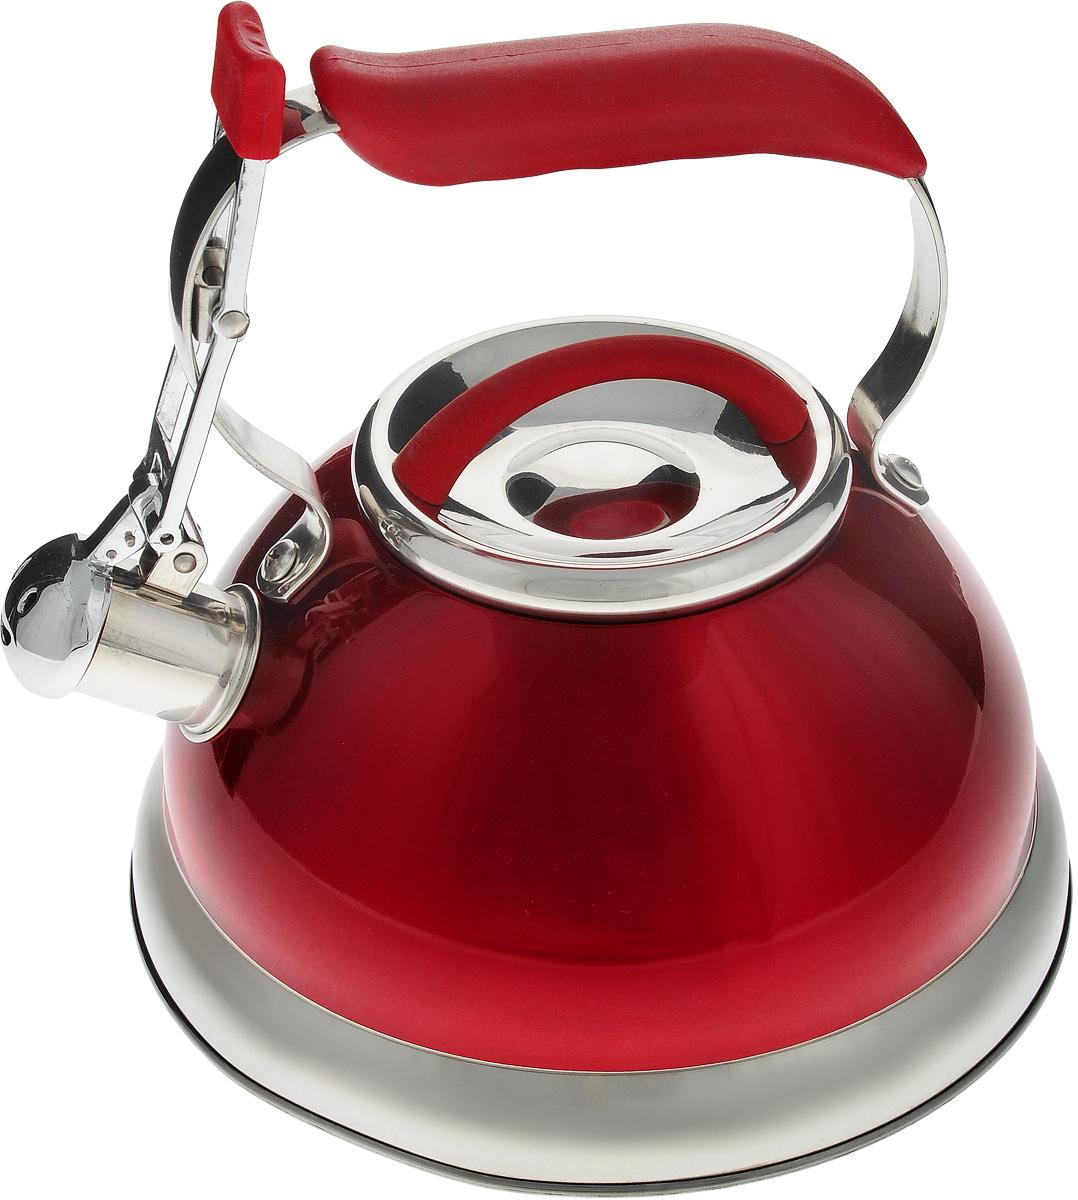 Чайник Calve, со свистком, цвет: красный, 2,7 лCL-1461_красныйЧайник Calve изготовлен из высококачественной нержавеющей стали с термоаккумулирующим дном. Нержавеющая сталь обладает высокой устойчивостью к коррозии, не вступает в реакцию с холодными и горячими продуктами и полностью сохраняет их вкусовые качества. Особая конструкция дна способствует высокой теплопроводности и равномерному распределению тепла. Чайник оснащен удобной пластиковой ручкой с покрытием Soft-Touch. Носик чайника имеет откидной свисток, звуковой сигнал которого подскажет, когда закипит вода. Подходит для всех типов плит, включая индукционные. Можно мыть в посудомоечной машине.Диаметр чайника (по верхнему краю): 10 см.Высота чайника (без учета ручки и крышки): 11,5 см.Высота чайника (с учетом ручки): 21 см.